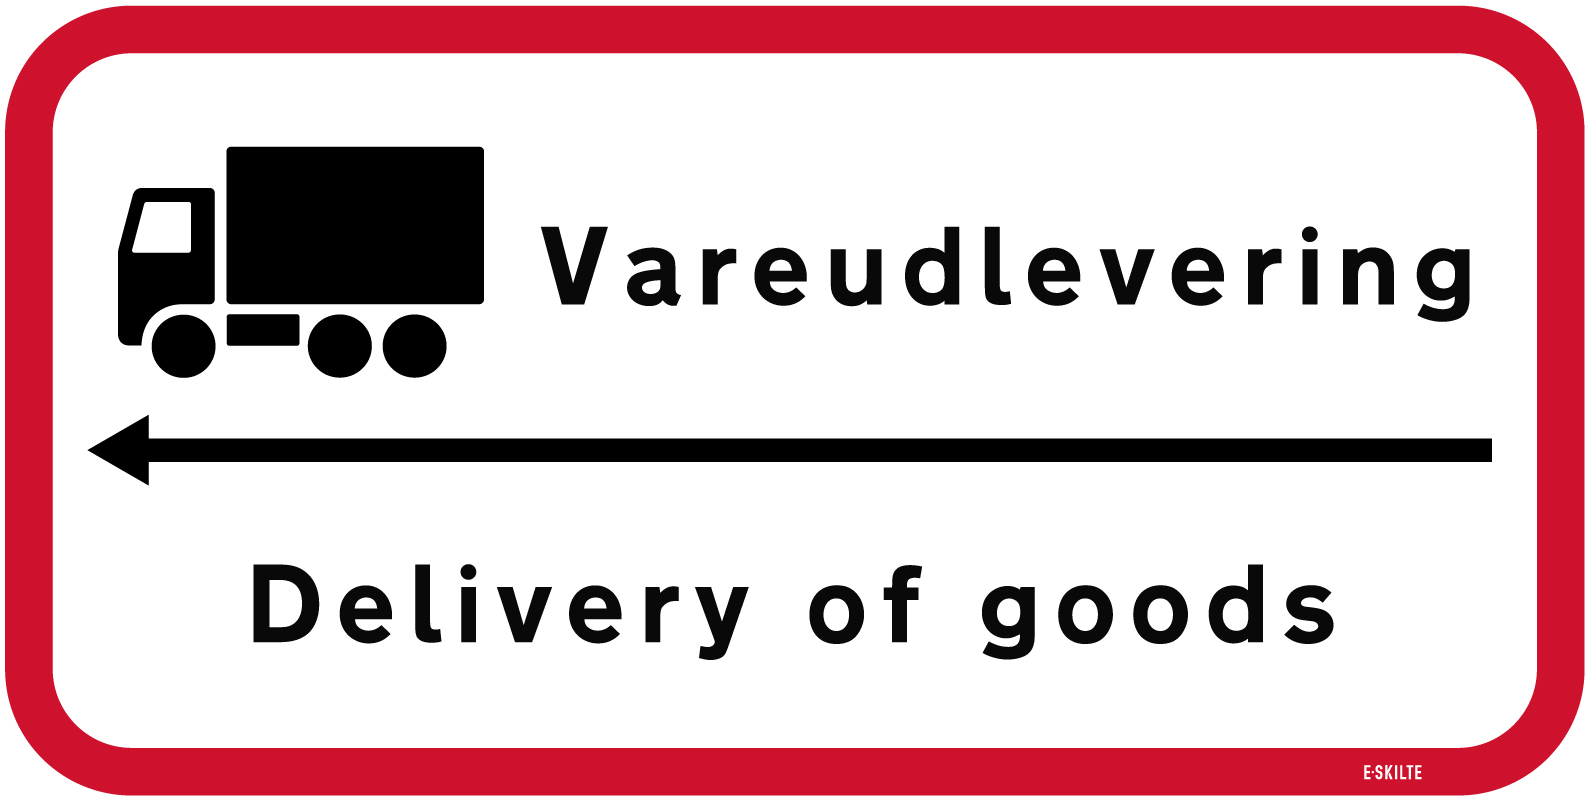 Vareudlevering Delivery of goods skilt